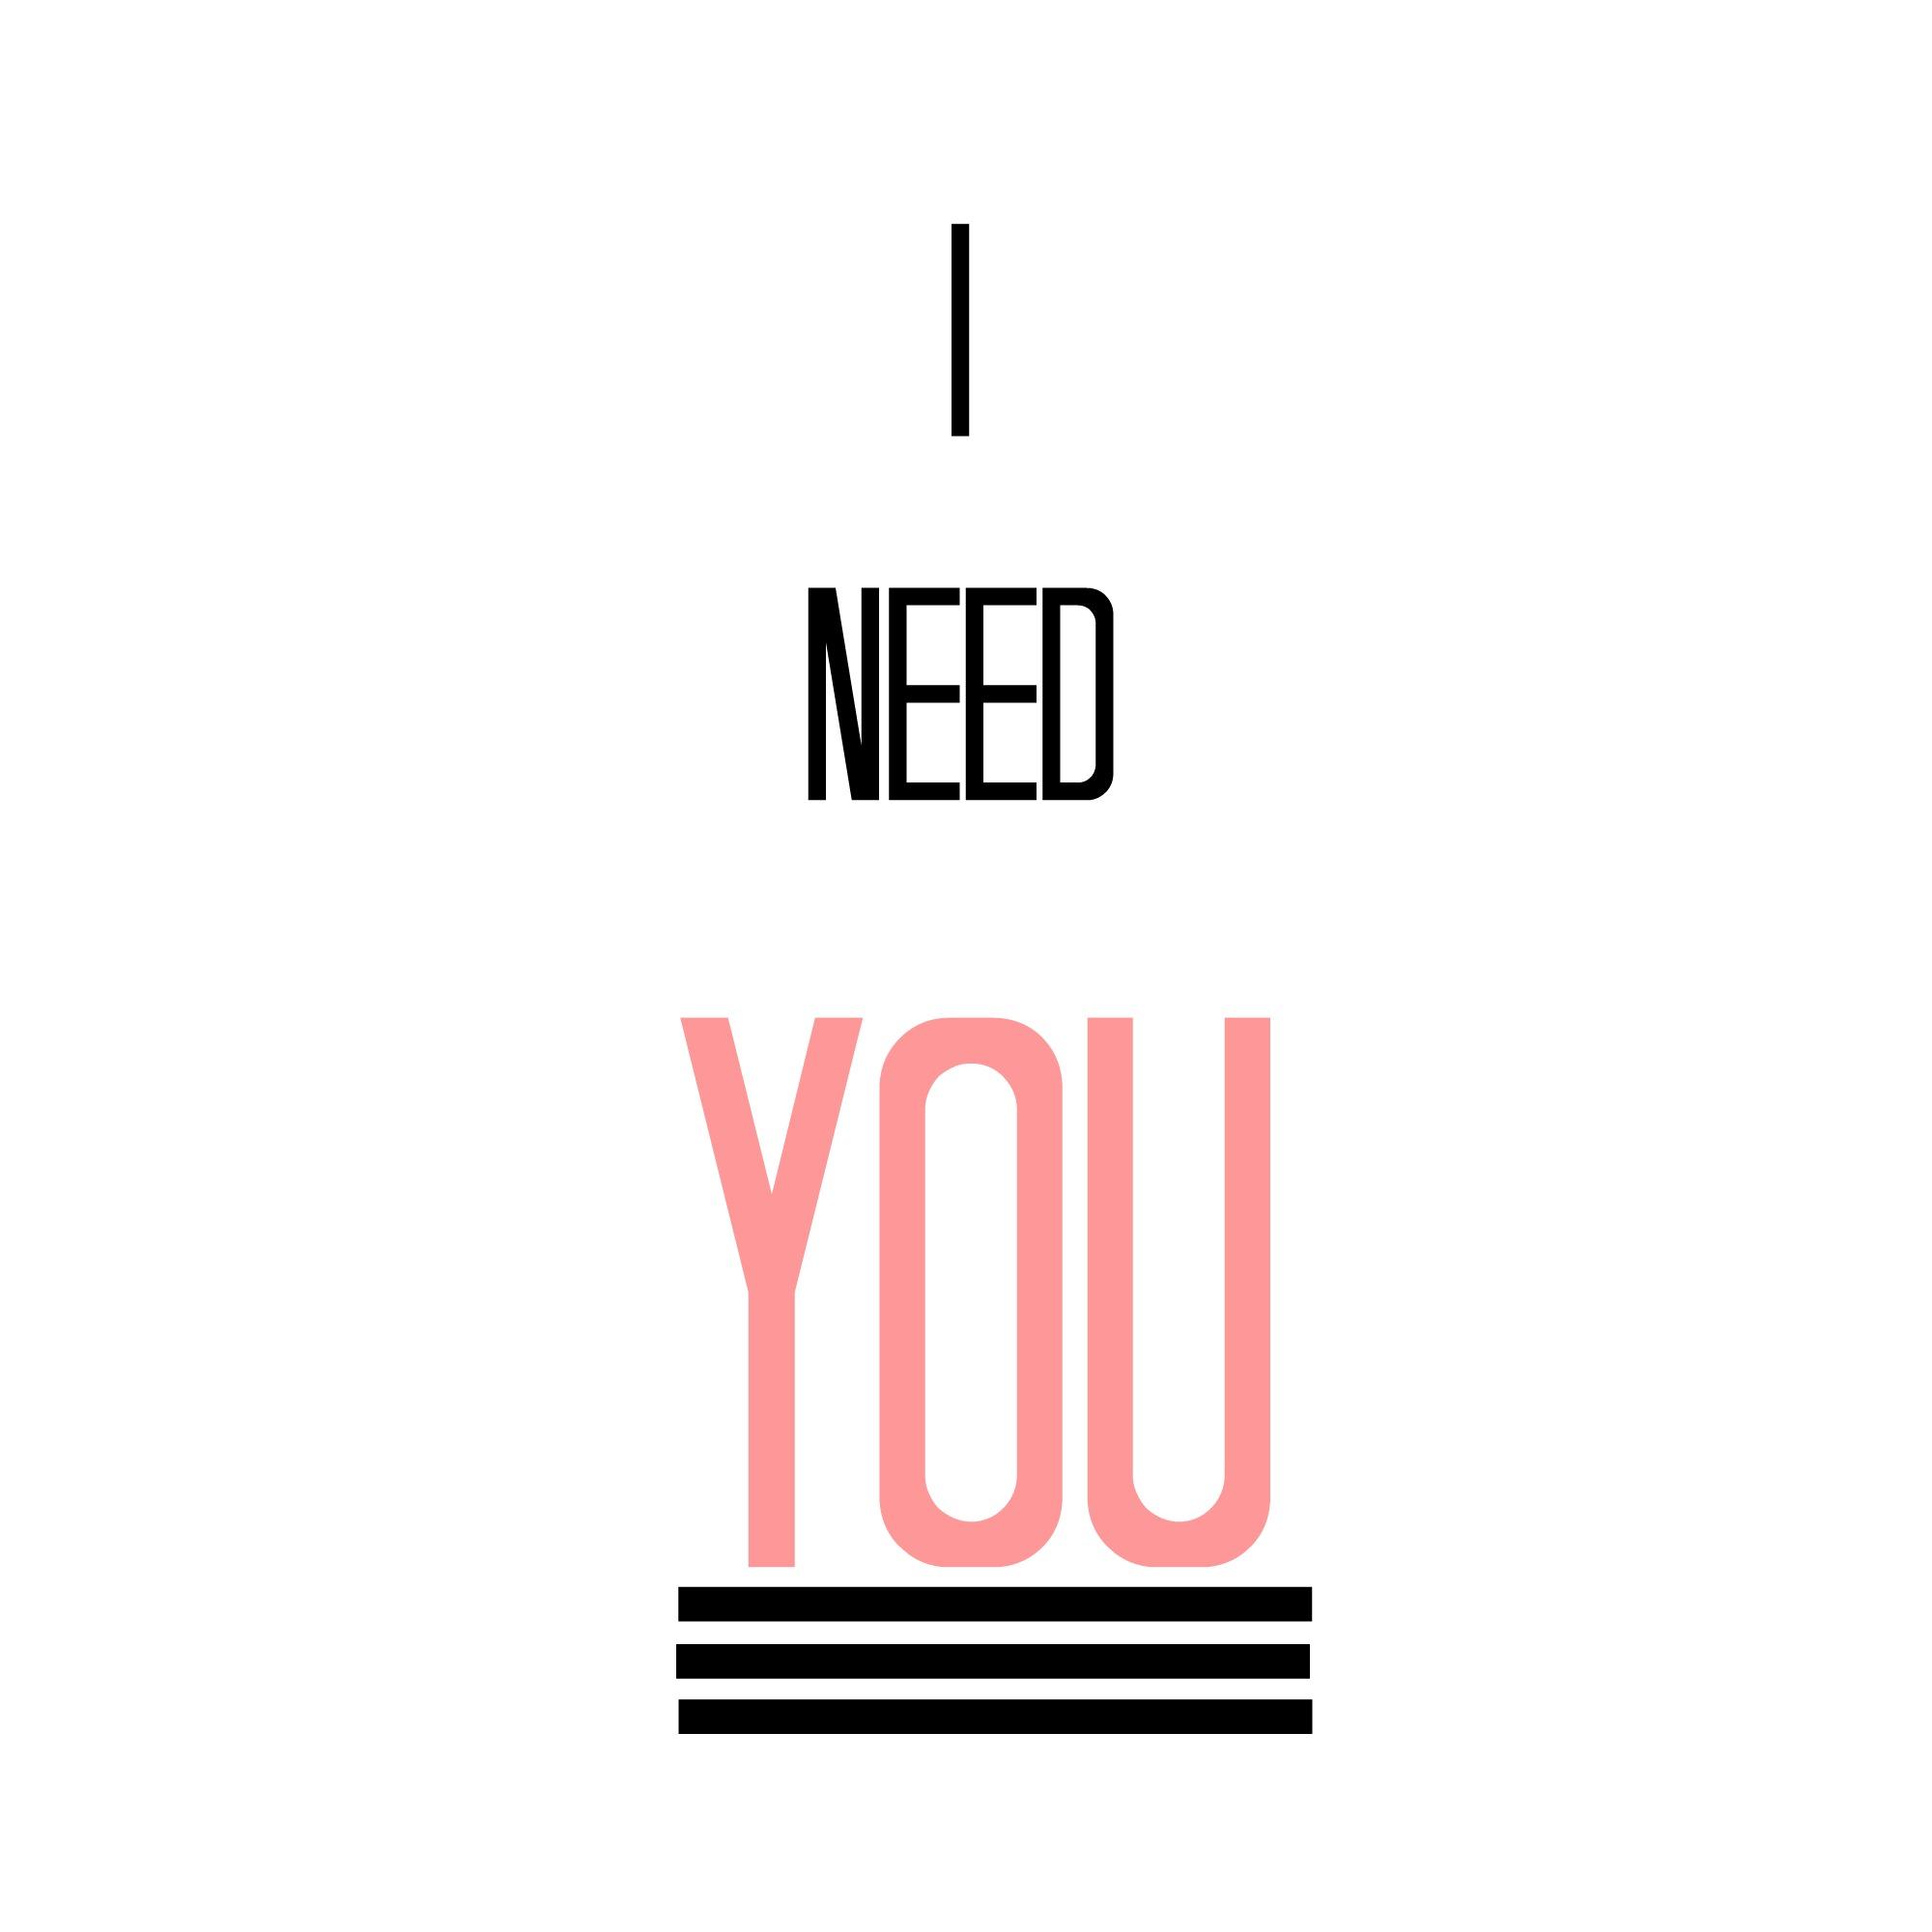 needyou